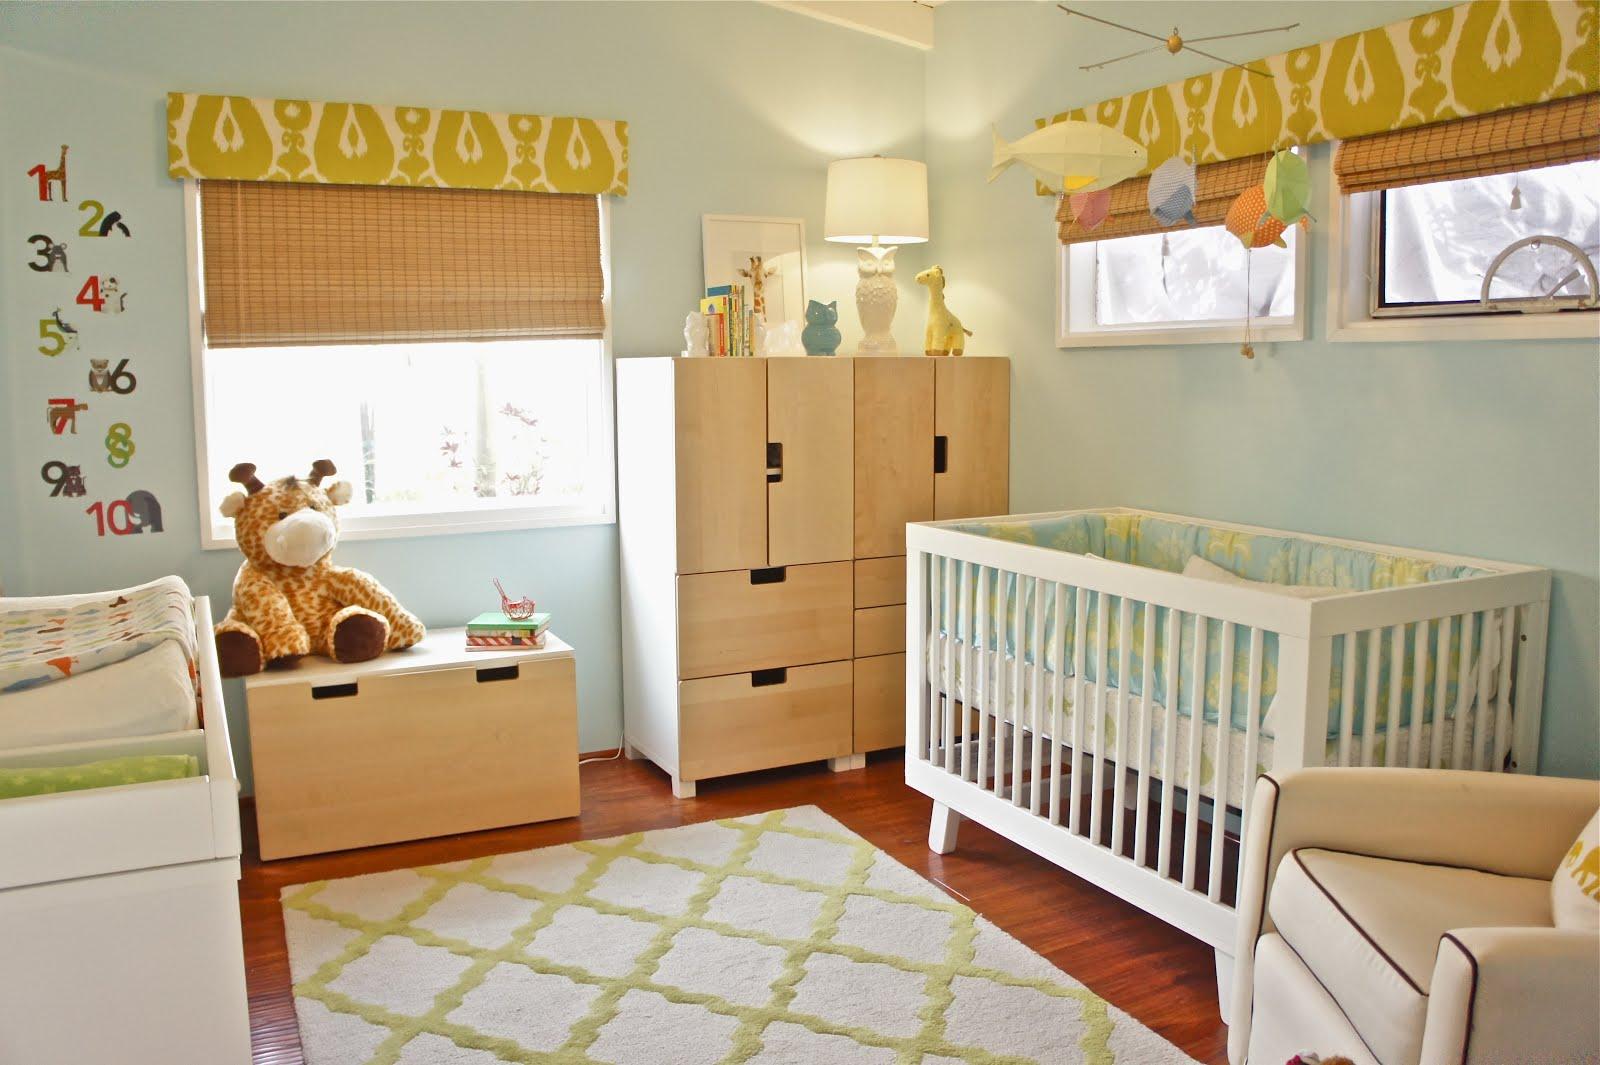 Как обустроить детскую комнату для новорожденного ребенка: фото дизайна интерьера, идеи по оформлению | женский журнал читать онлайн: стильные стрижки, новинки в мире моды, советы по уходу